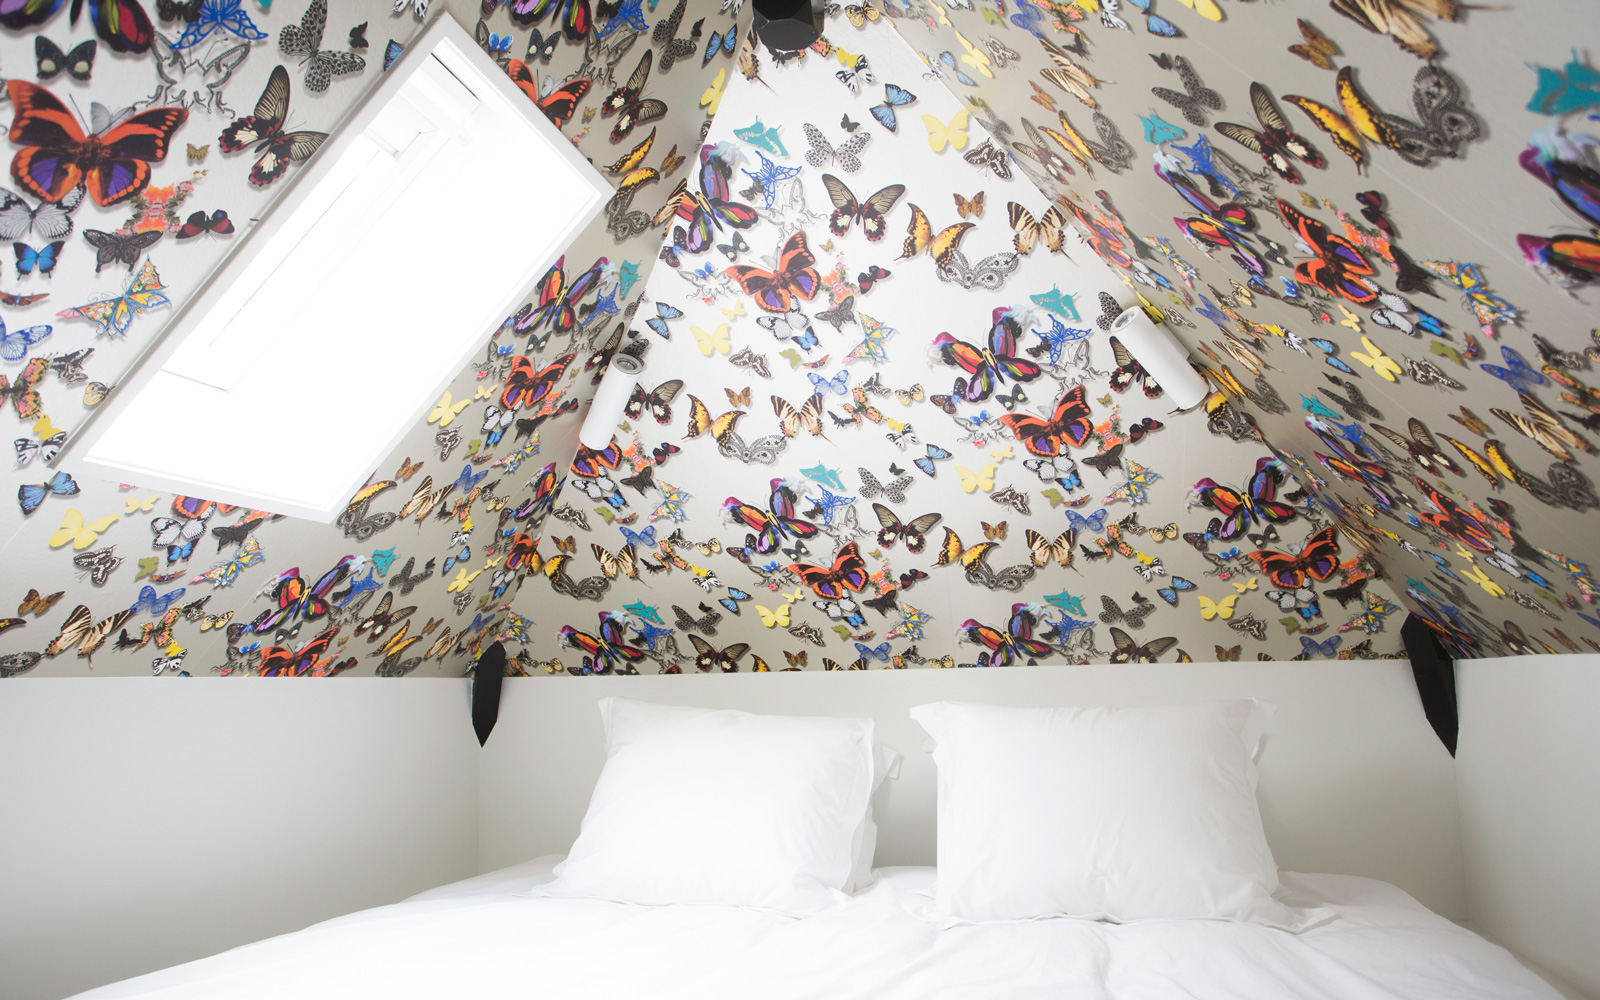 De slaapkamer is ingericht met een vlinderplafond.